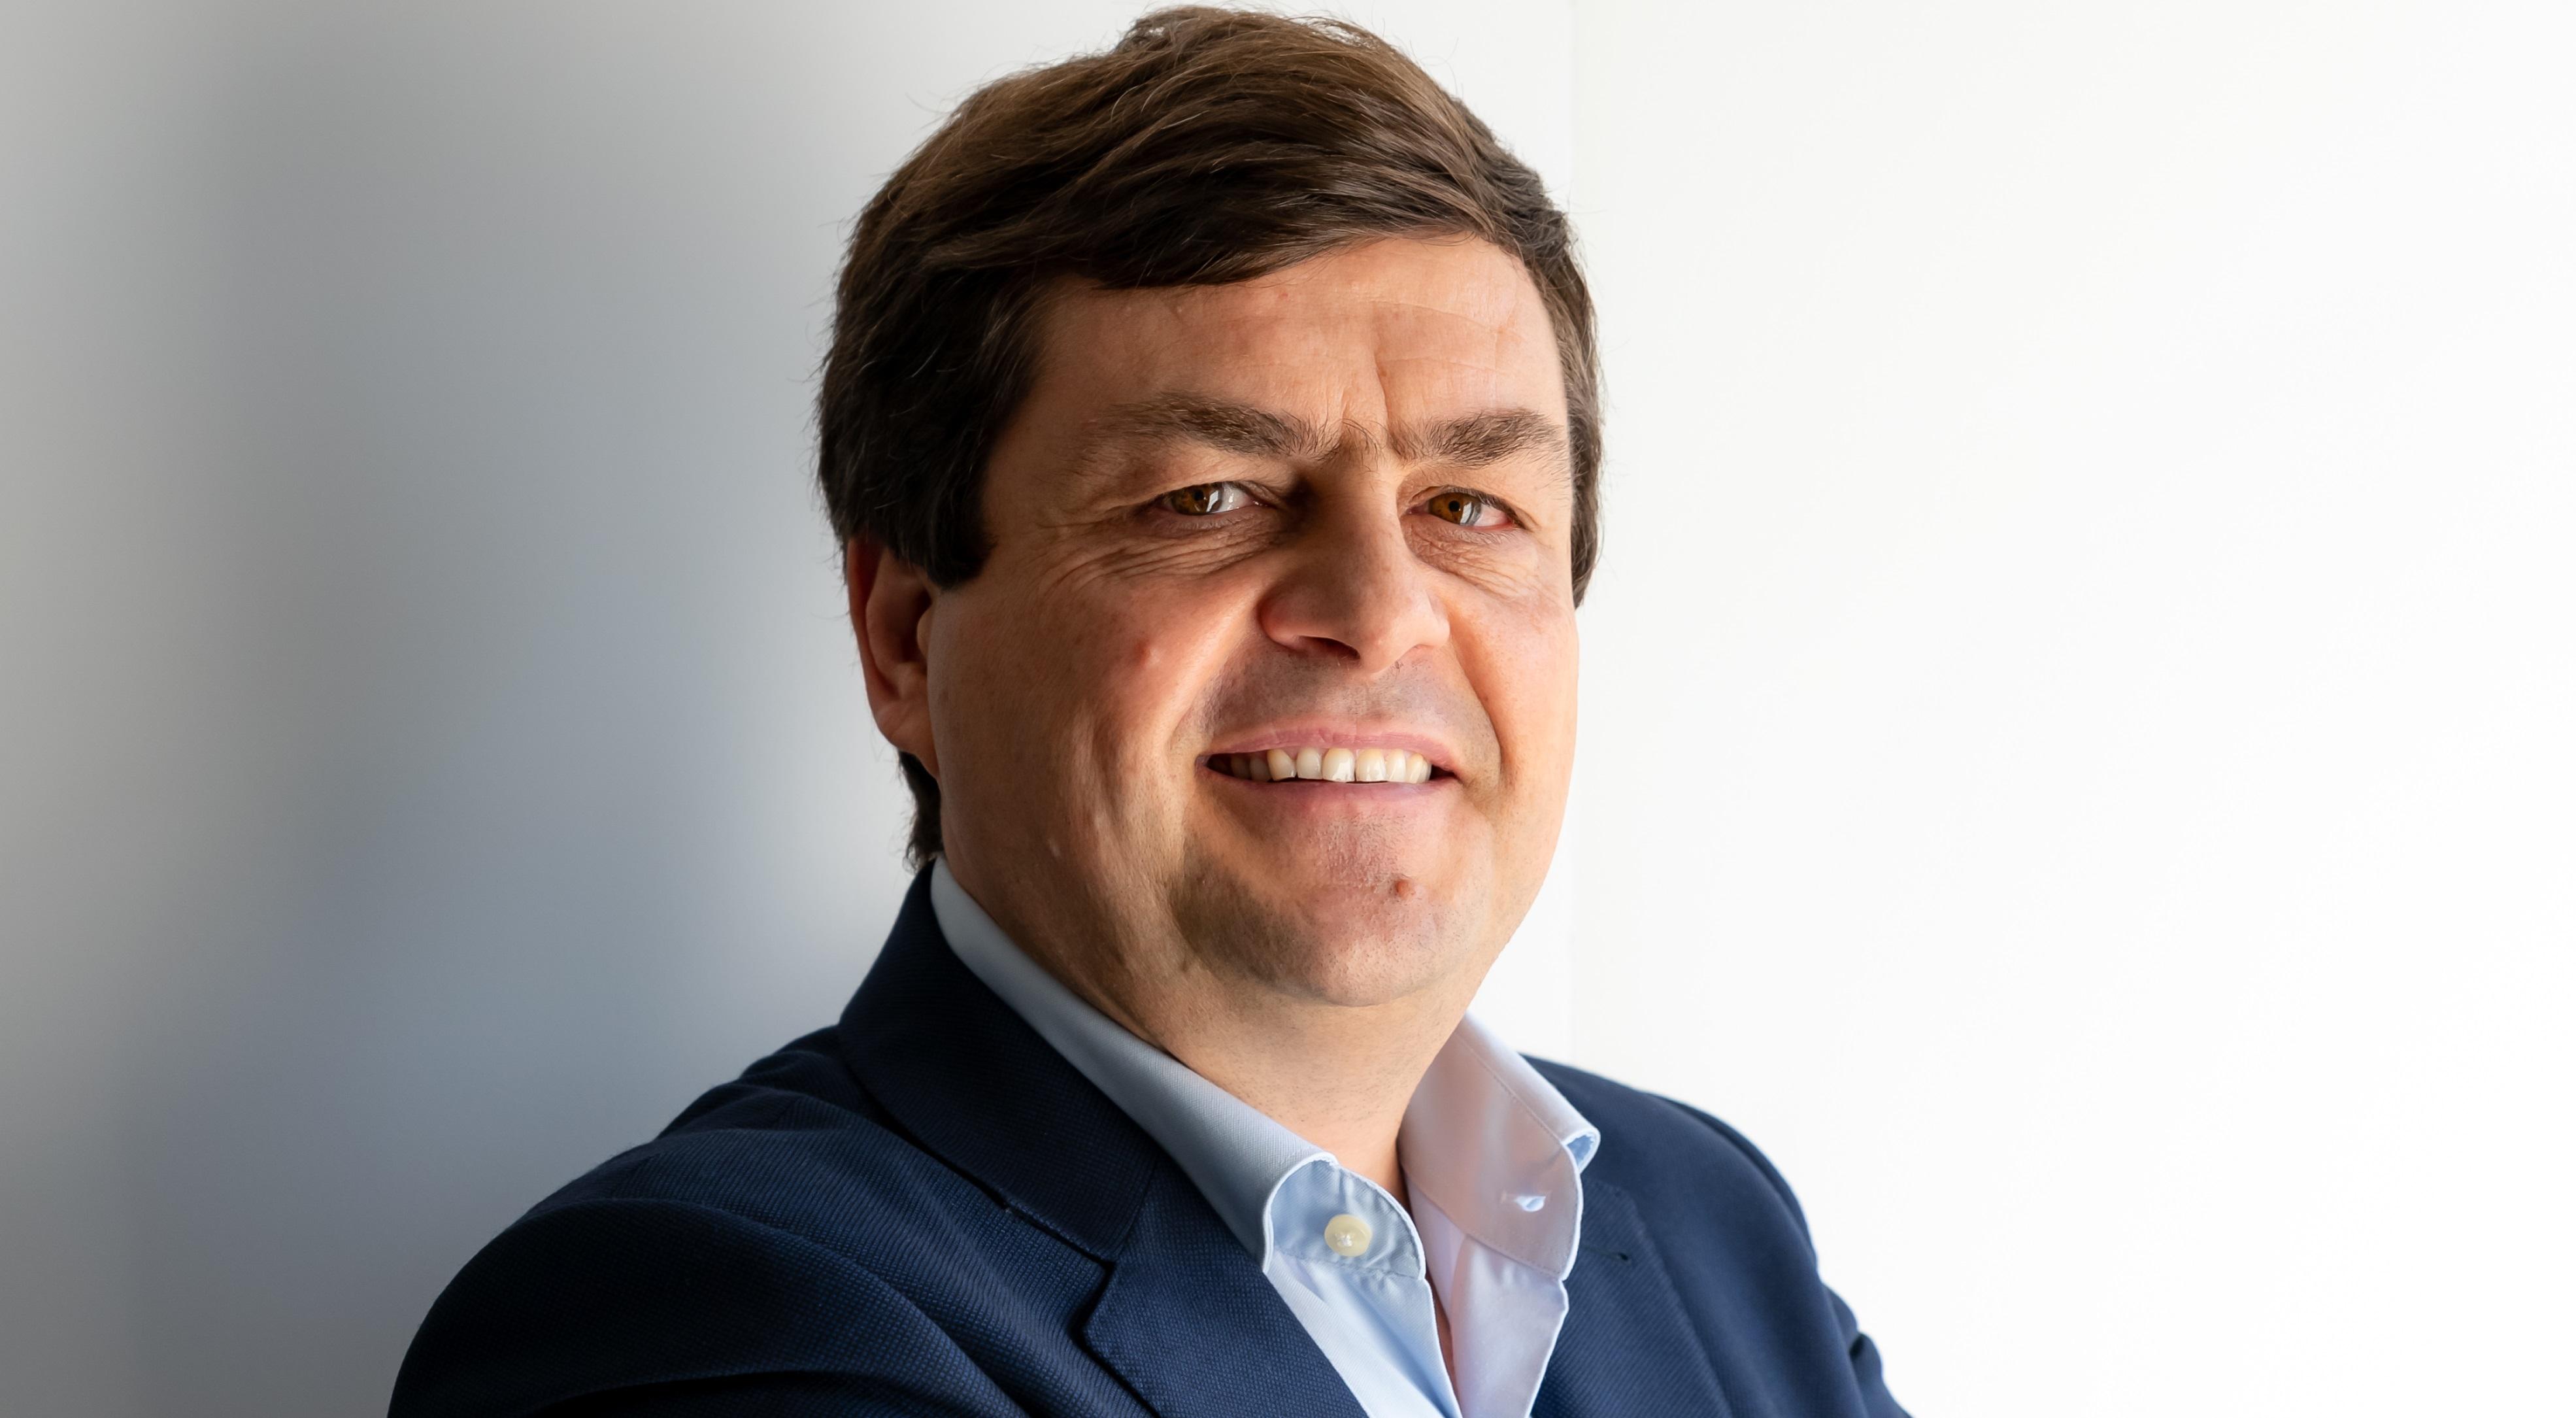 Tiago Eiró, Diretor Geral da EastBanc em Portugal / EastBanc